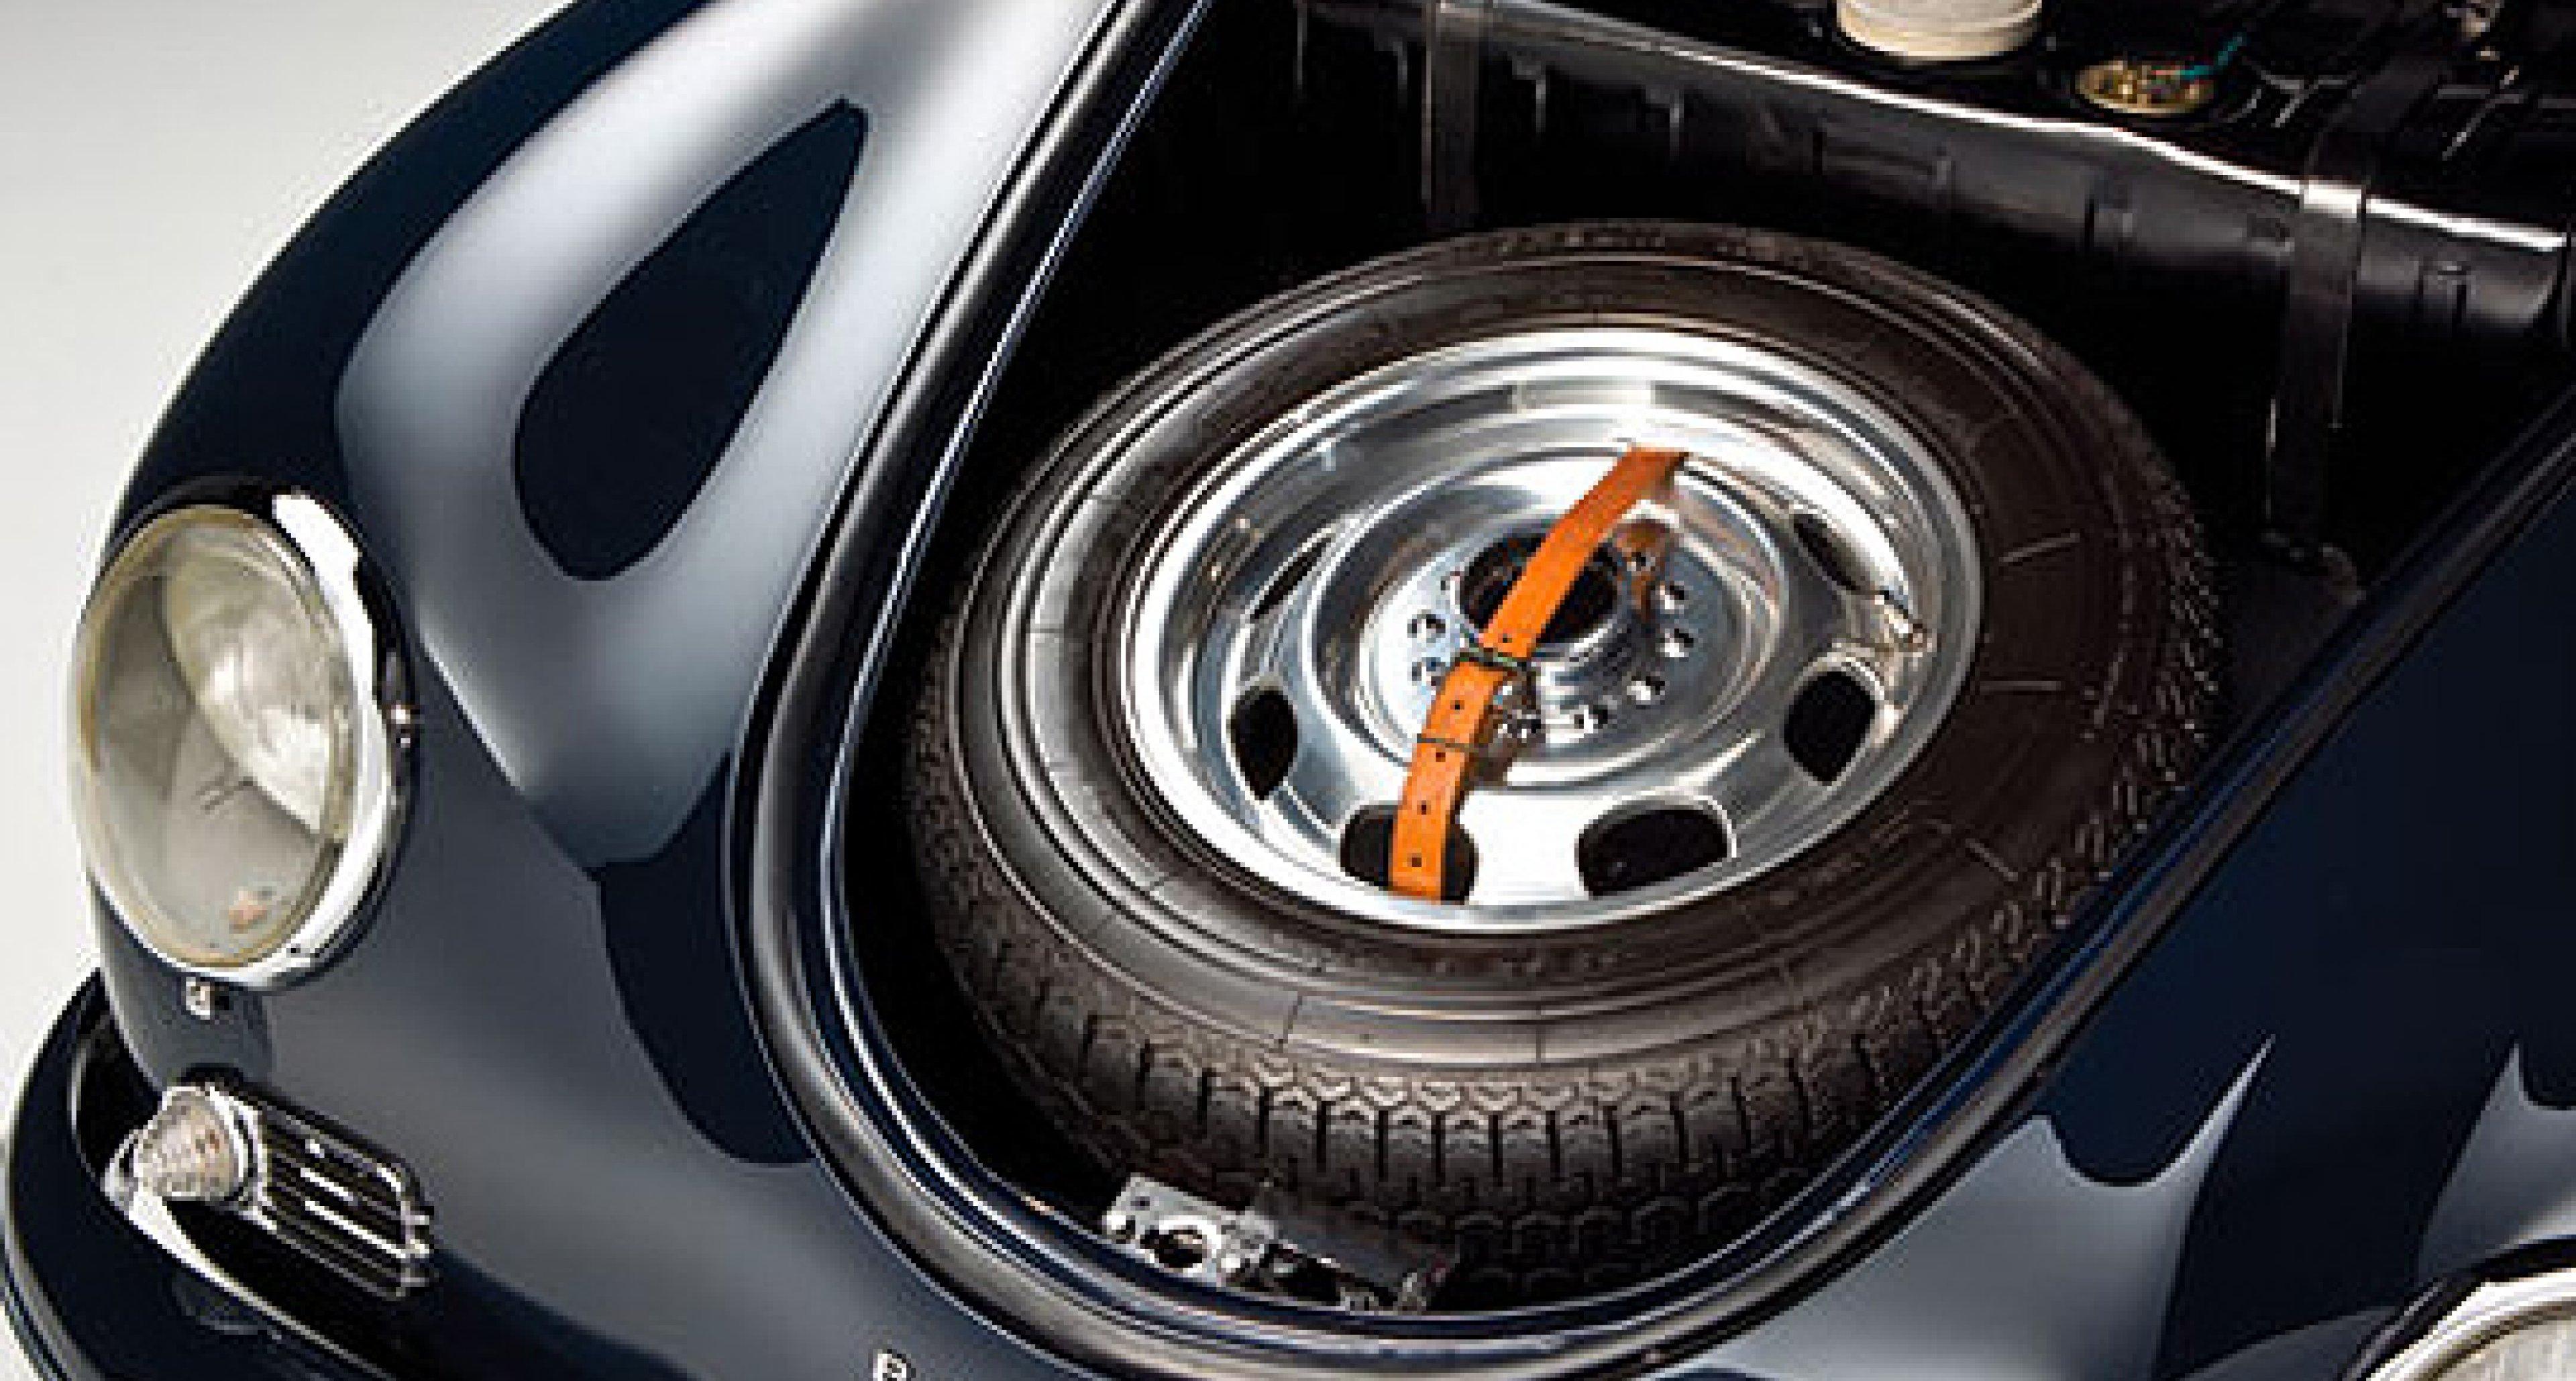 RM versteigert außergewöhnlichen Porsche 356A Speedster